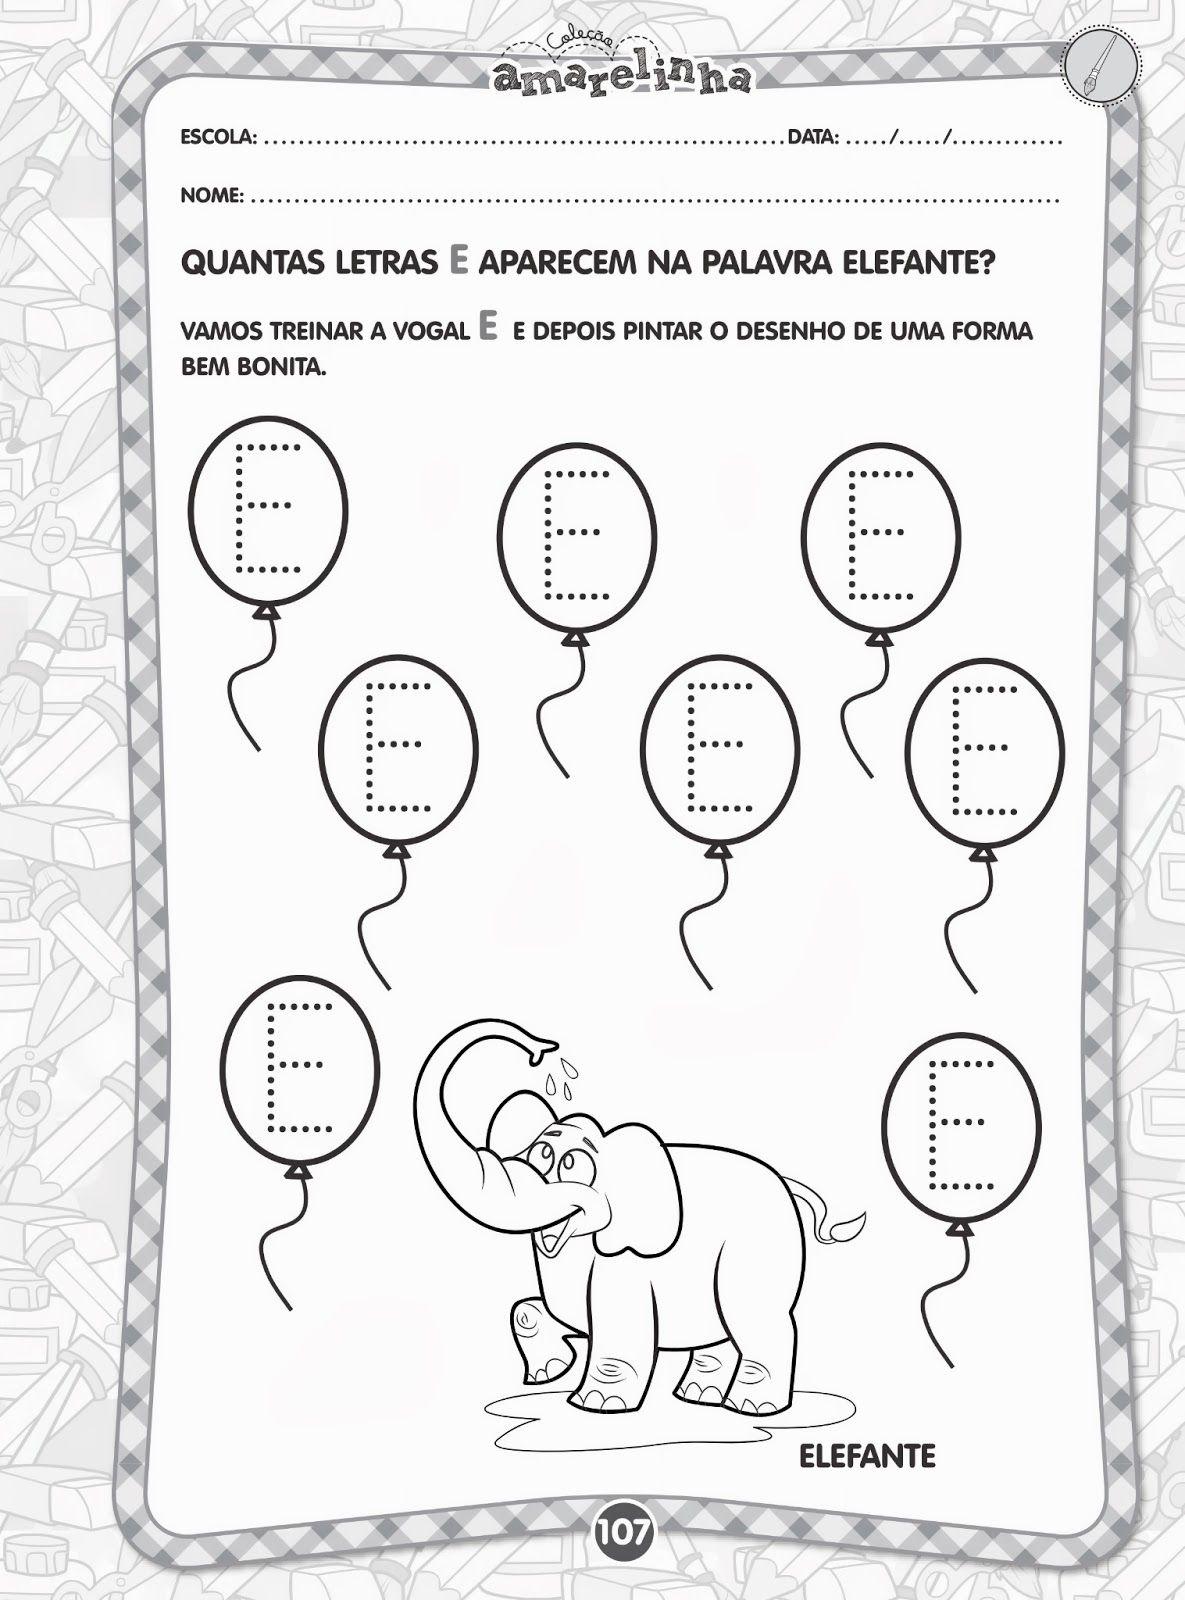 Colecao Amarelinha Linguagem Oral E Escrita 3 Anos Educacao